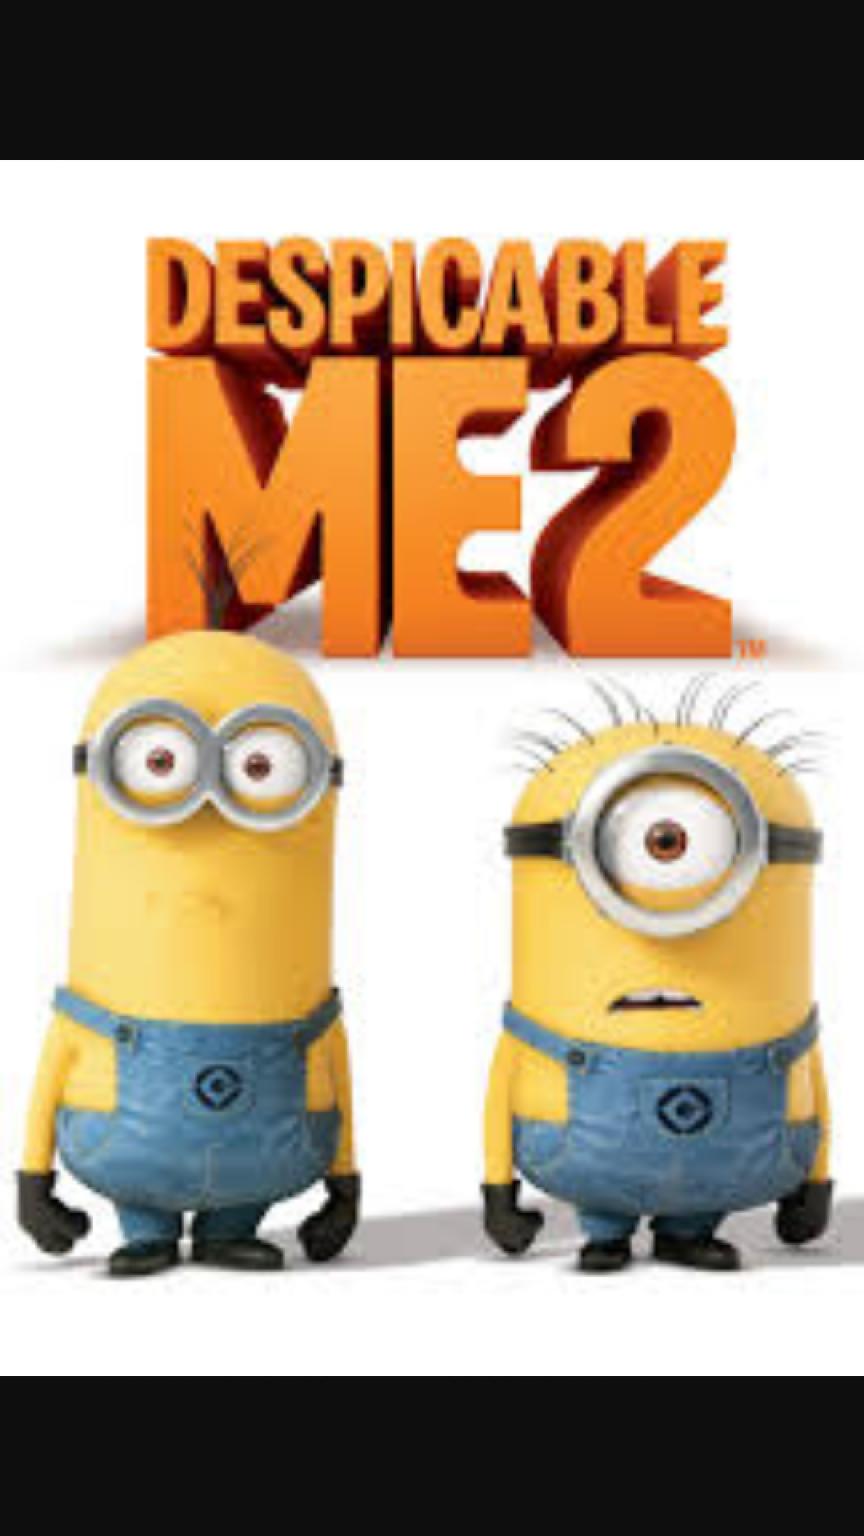 """Cine en inglés – """"Gru, mi villano favorito 2"""" (Despicable me 2 ..."""